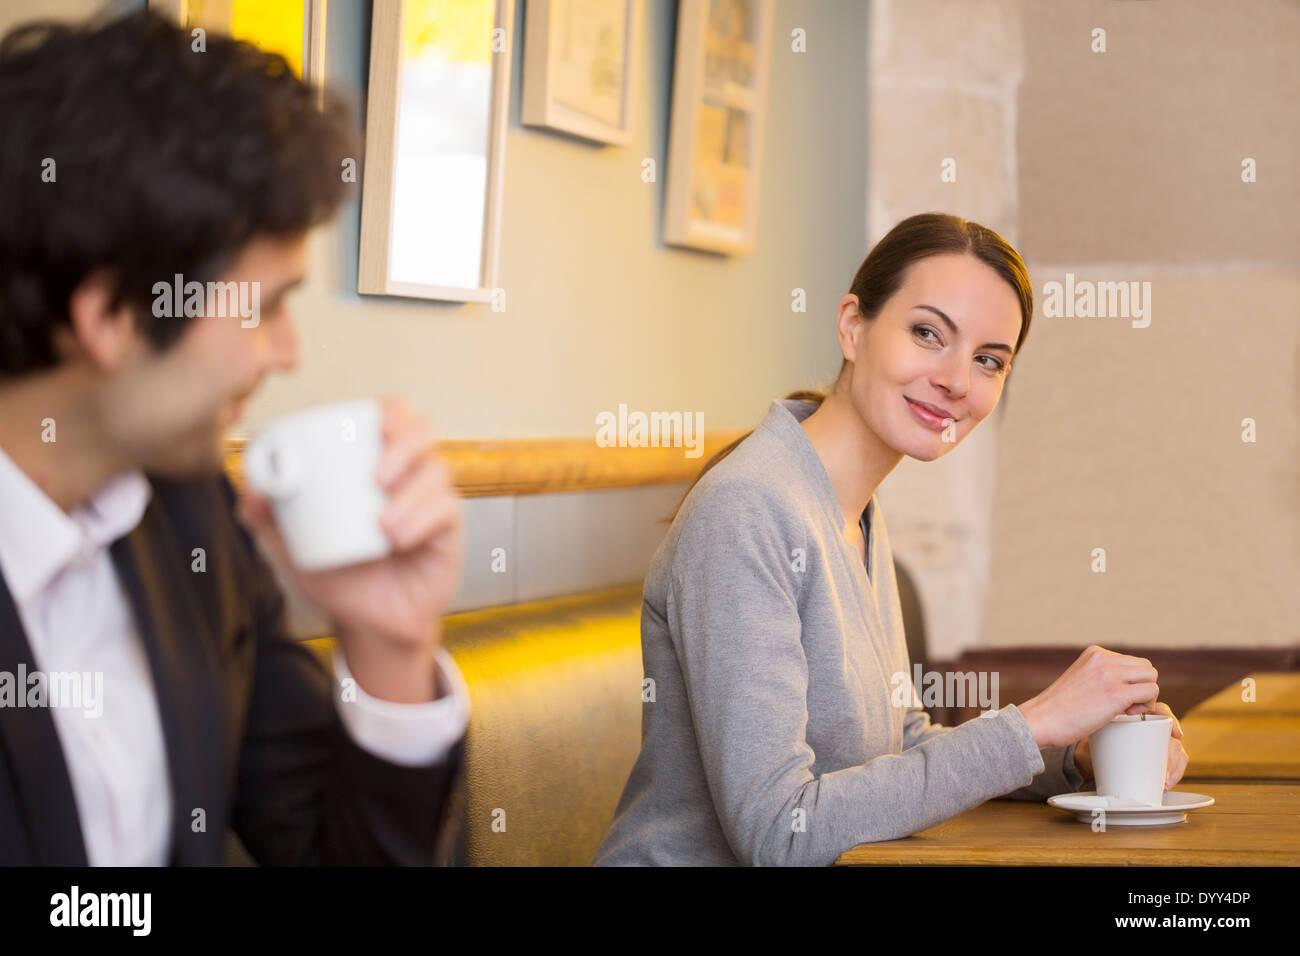 Mulher homem sorridente restaurante amor data Imagens de Stock